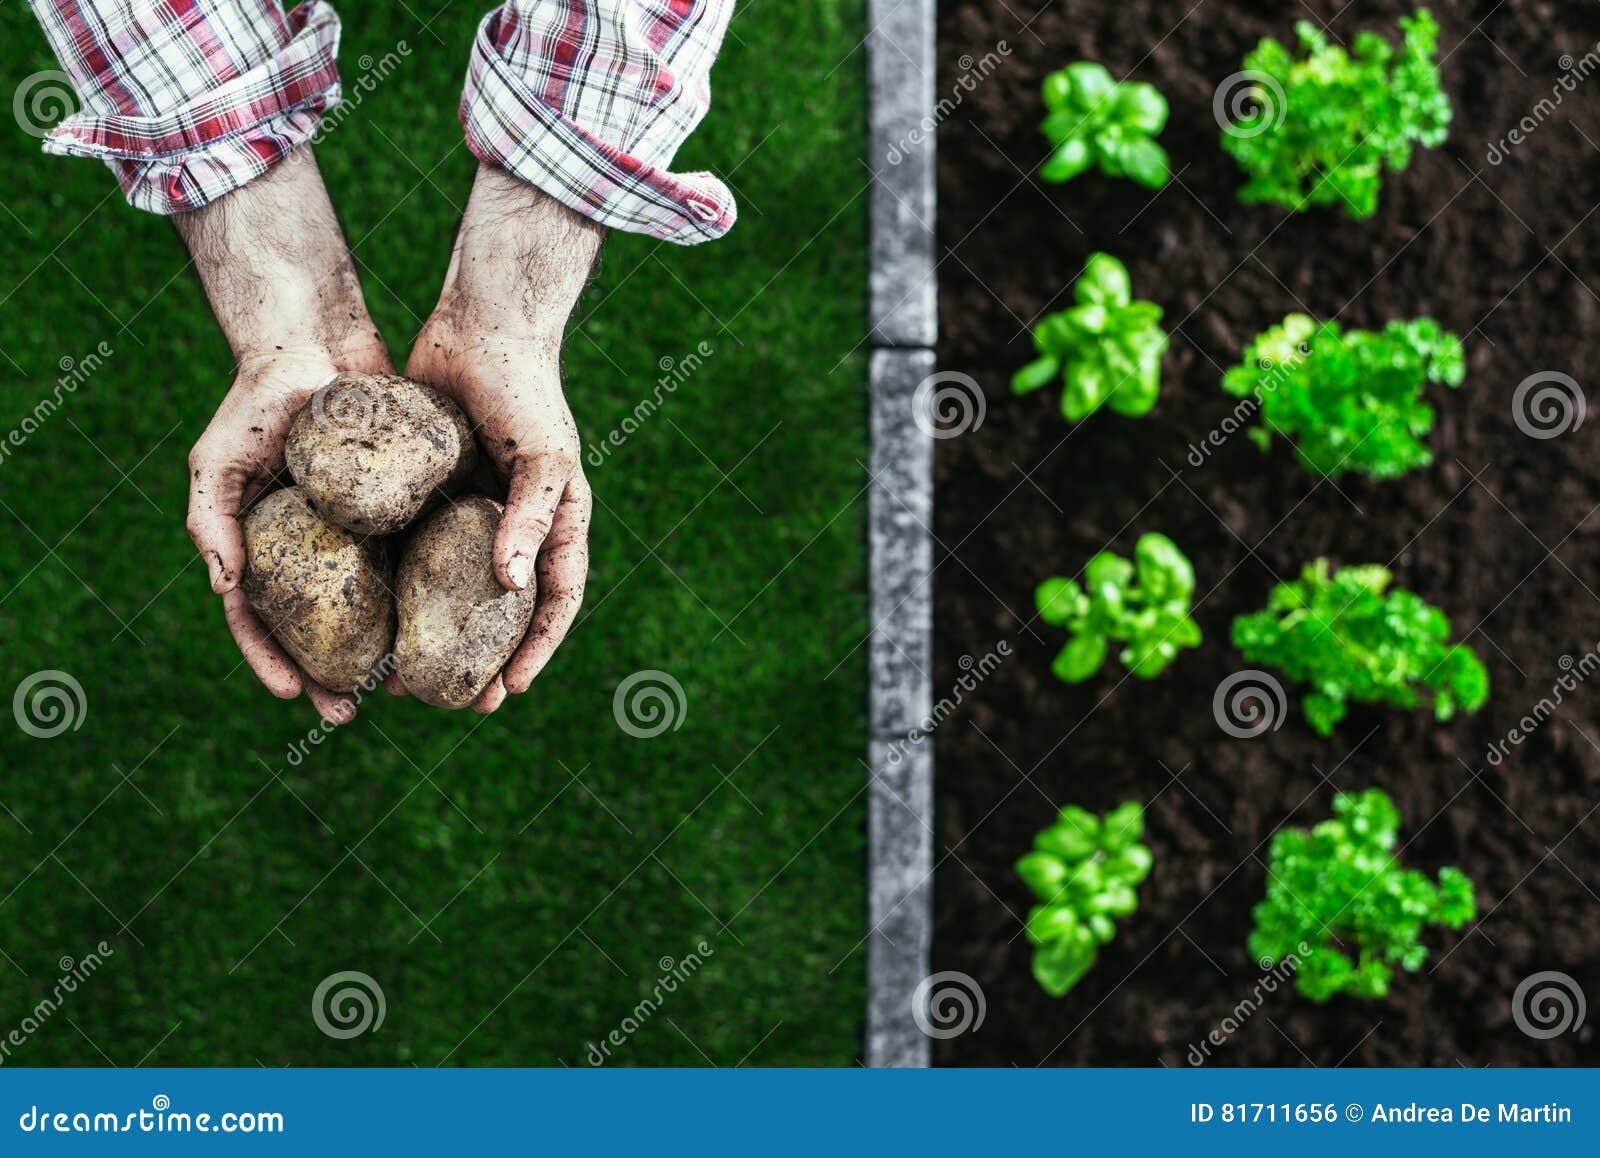 Biologische Landwirtschaft und Gartenarbeit